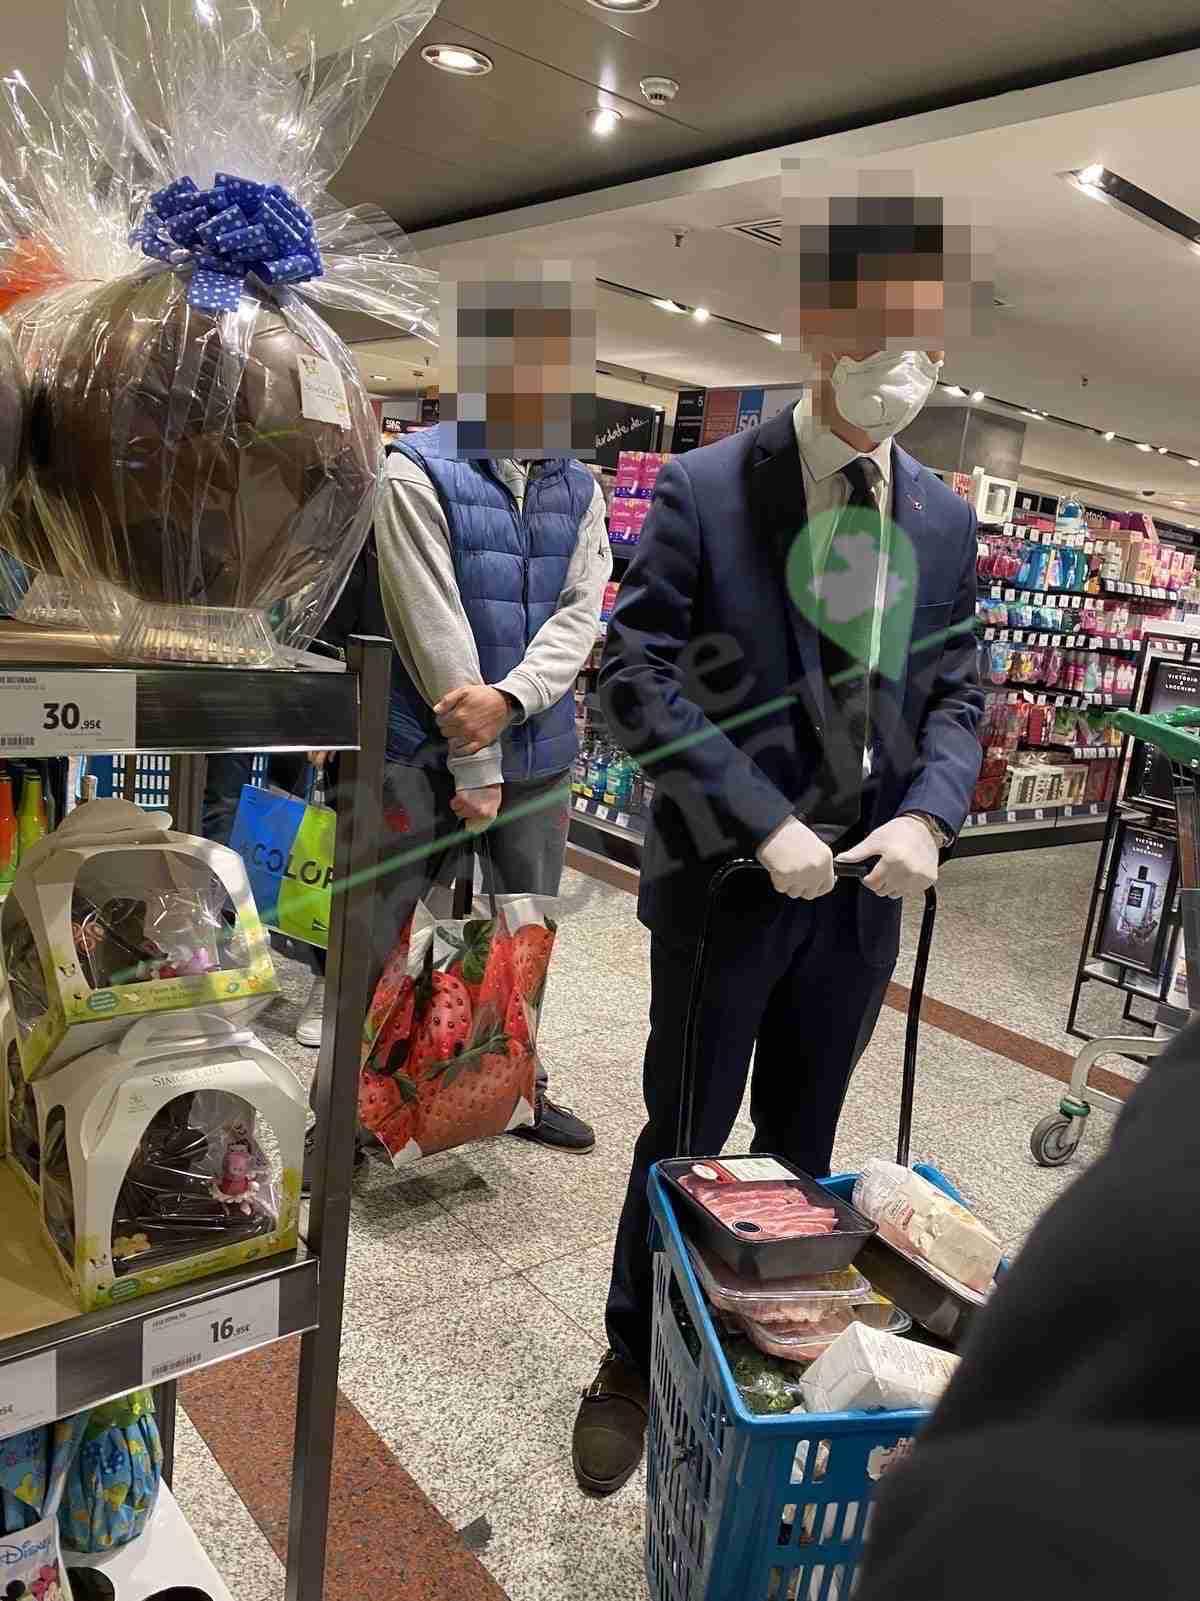 Persona de origen asiático con guantes y mascarillas por coronavirus en El Corte Ingles Hipercor